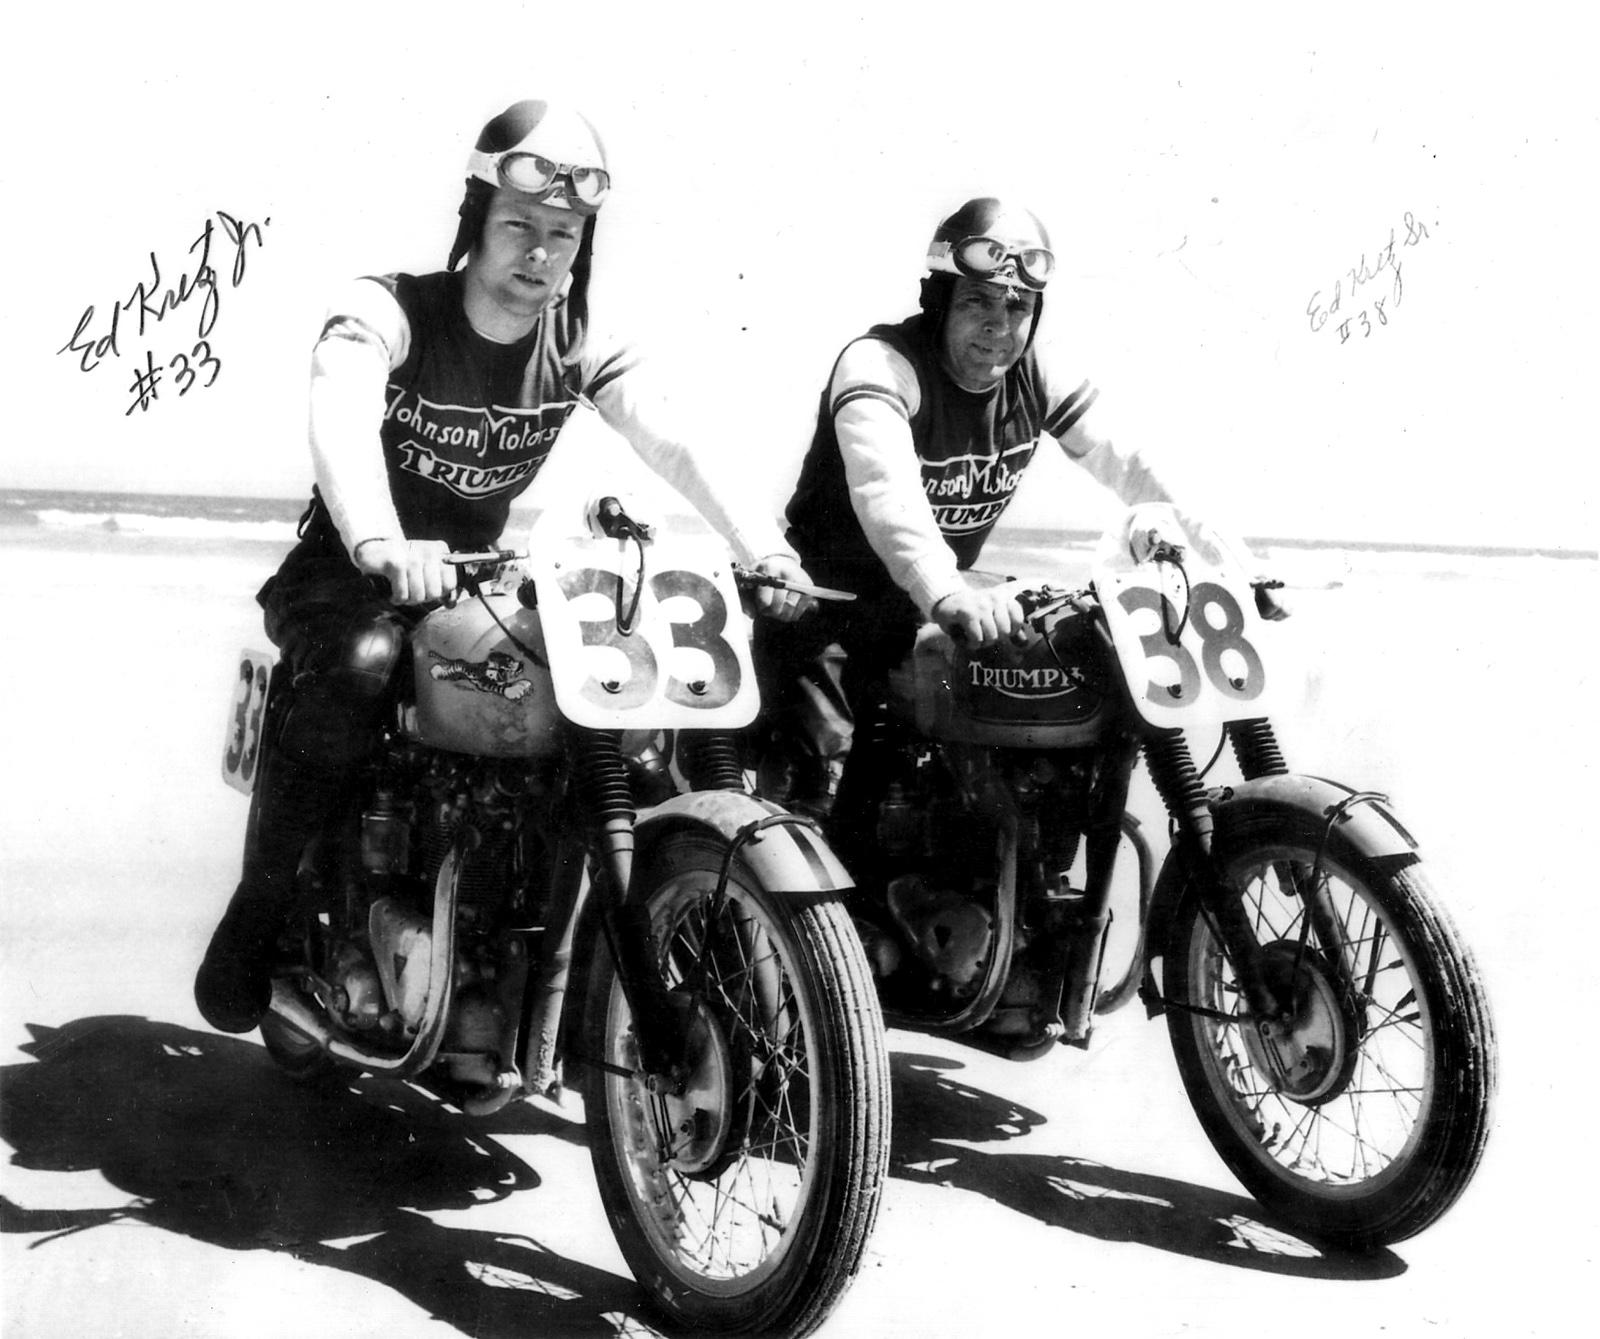 Ed Kretz Jr. (on the left) and Ed Kretz Sr. (on the right)